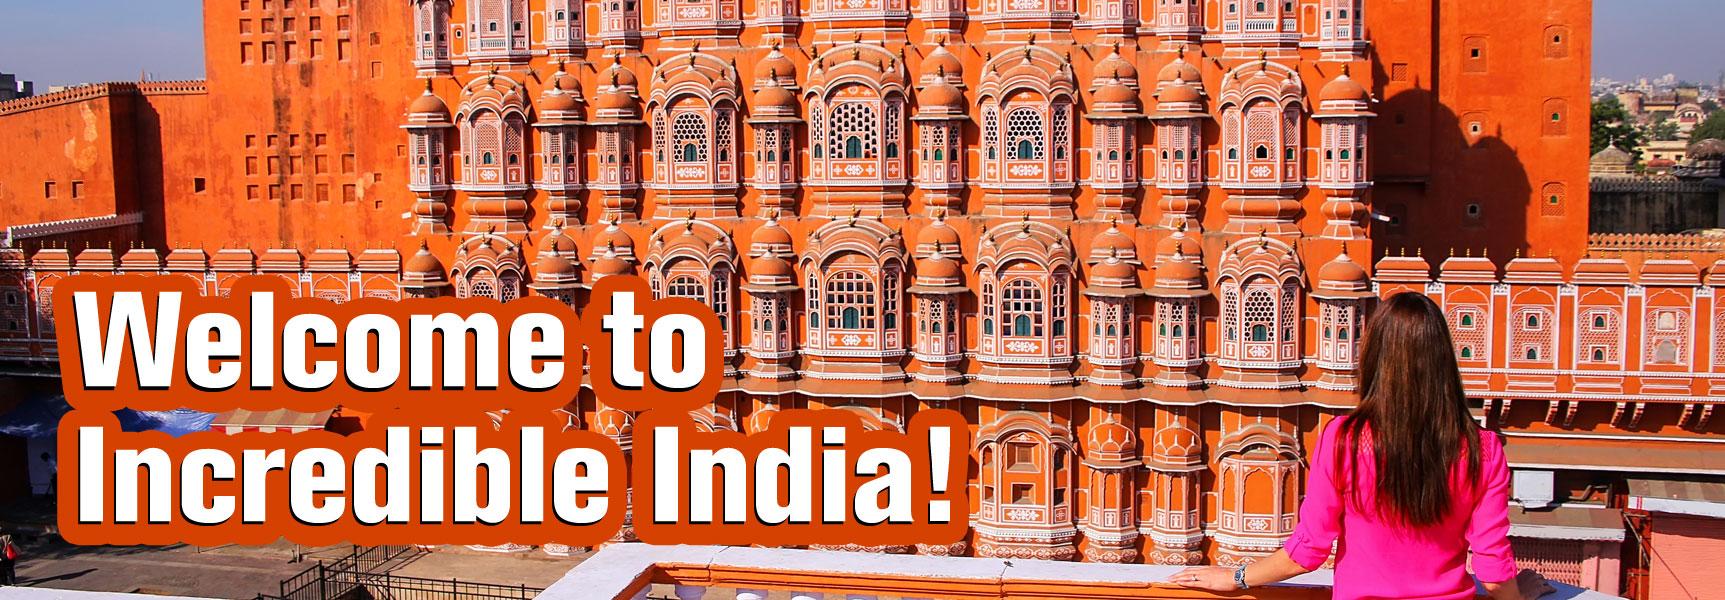 Trail Blazer Tours India